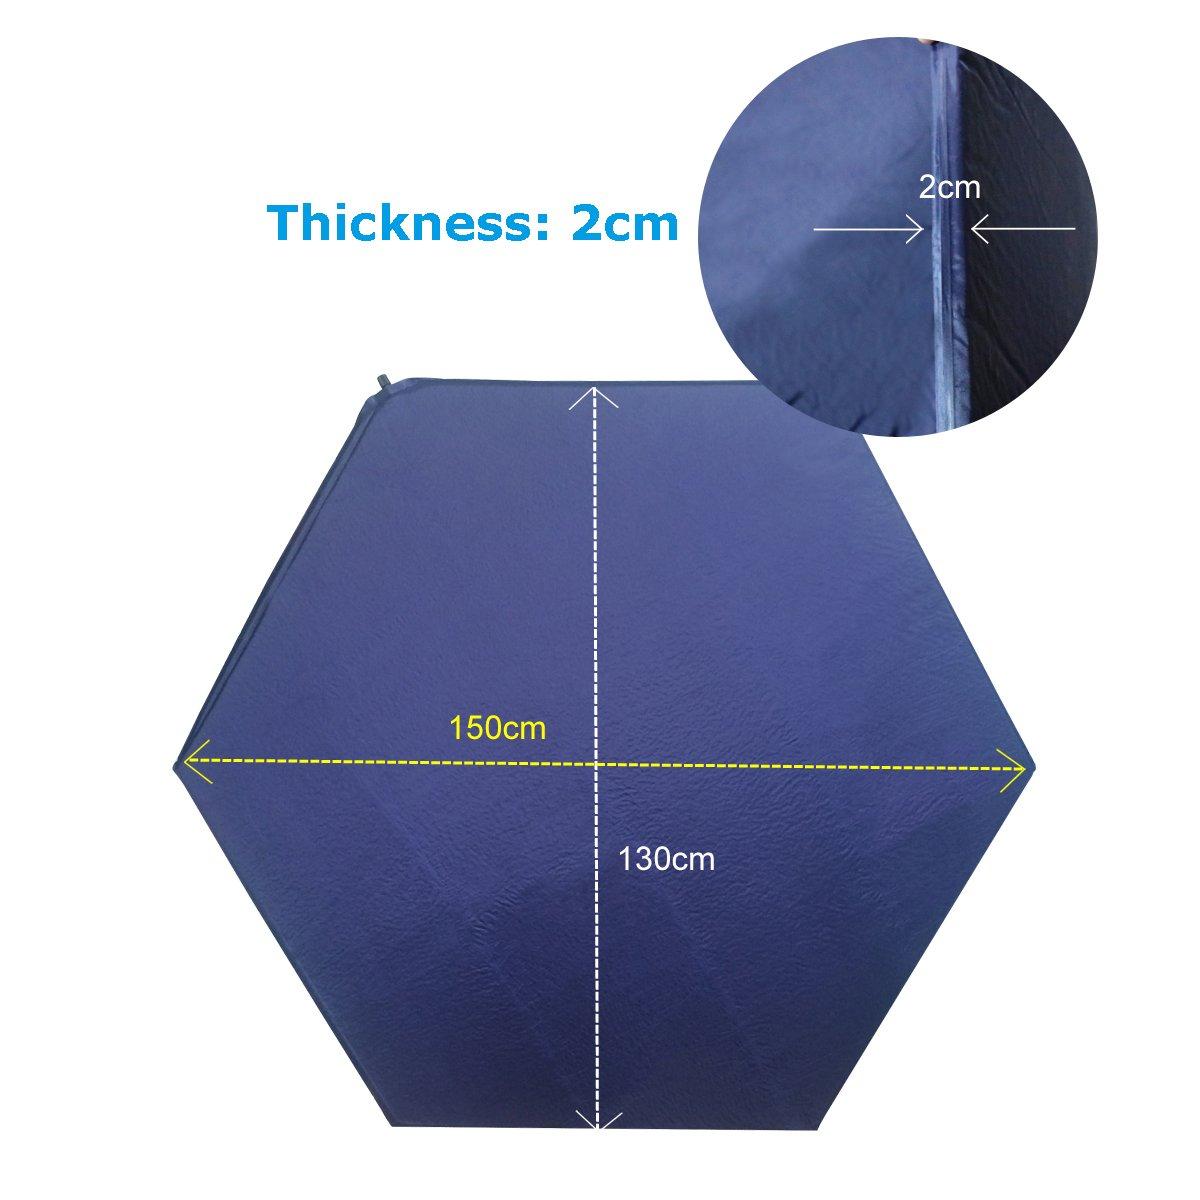 Tappetino per box/ comodo Eco materasso per lettino in fibra per esterni ed interni /Kids pop up per lettino da viaggio per campeggio 140/cm*126/cm